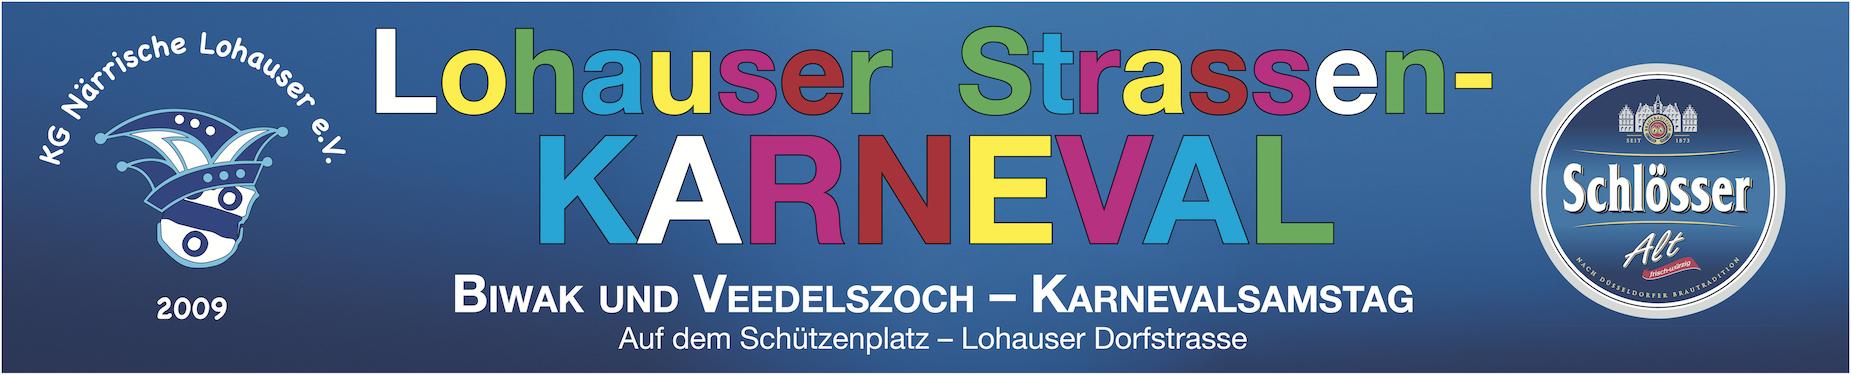 KG Närrische Lohauser e.V.